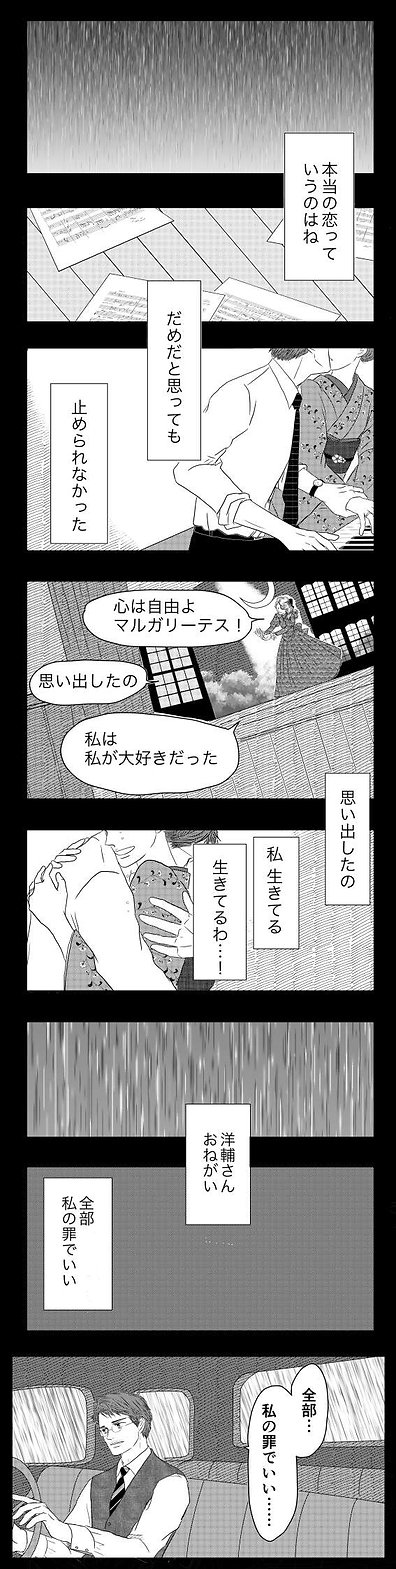 洋輔さん47.jpg